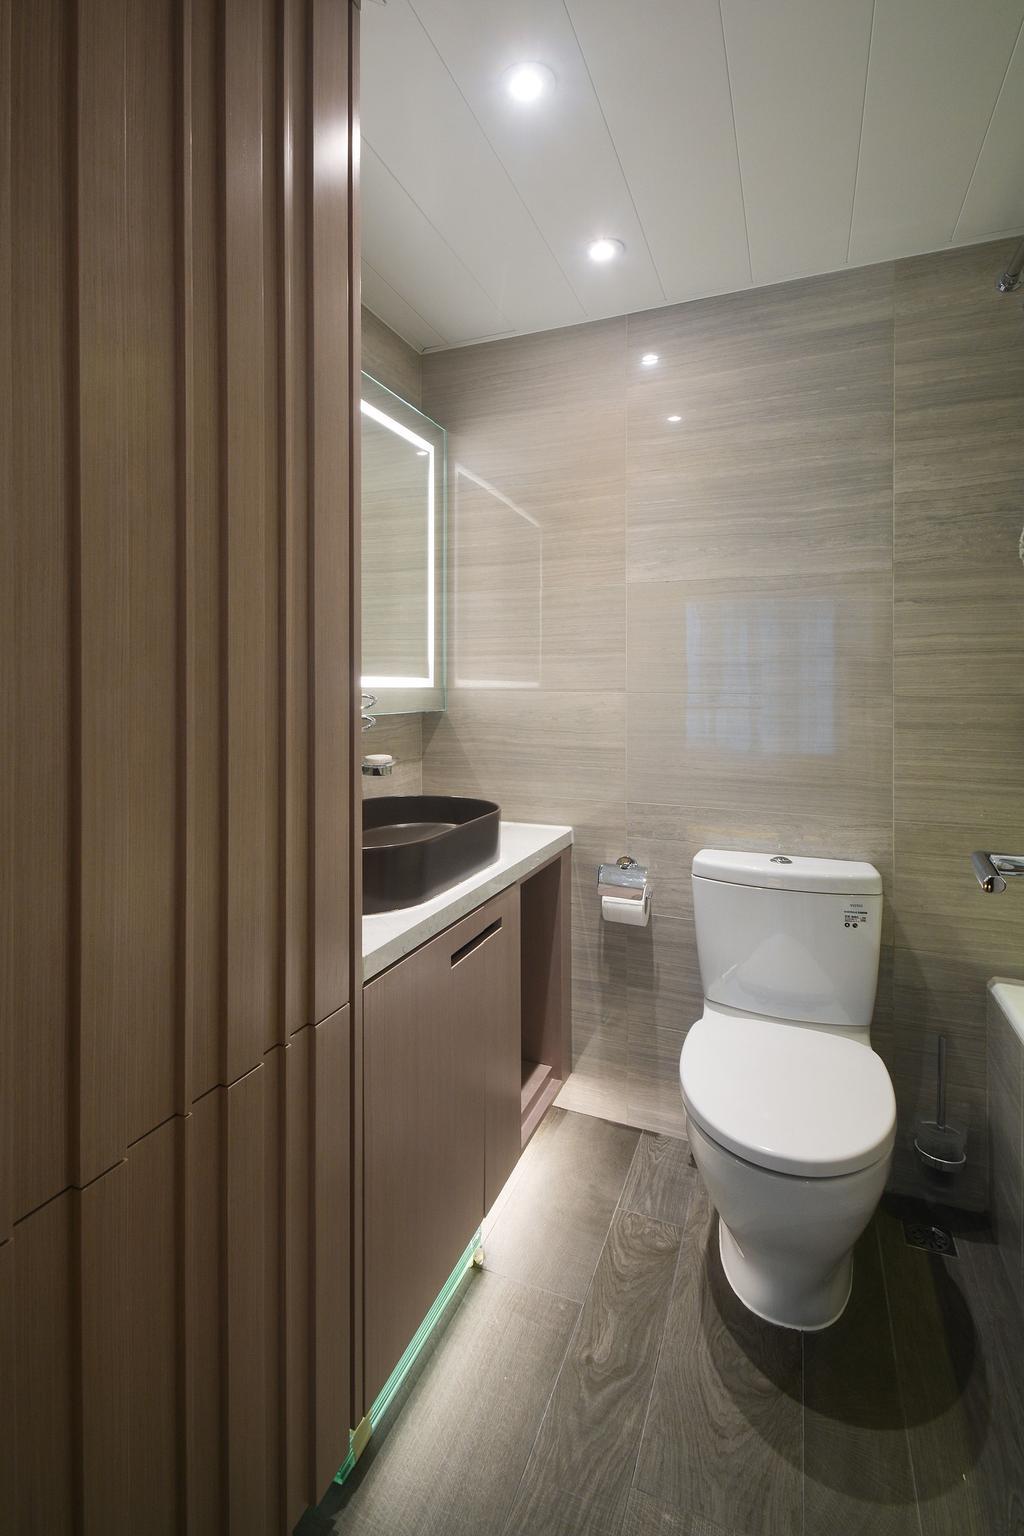 私家樓, 浴室, 君臨天下, 室內設計師, Space Design